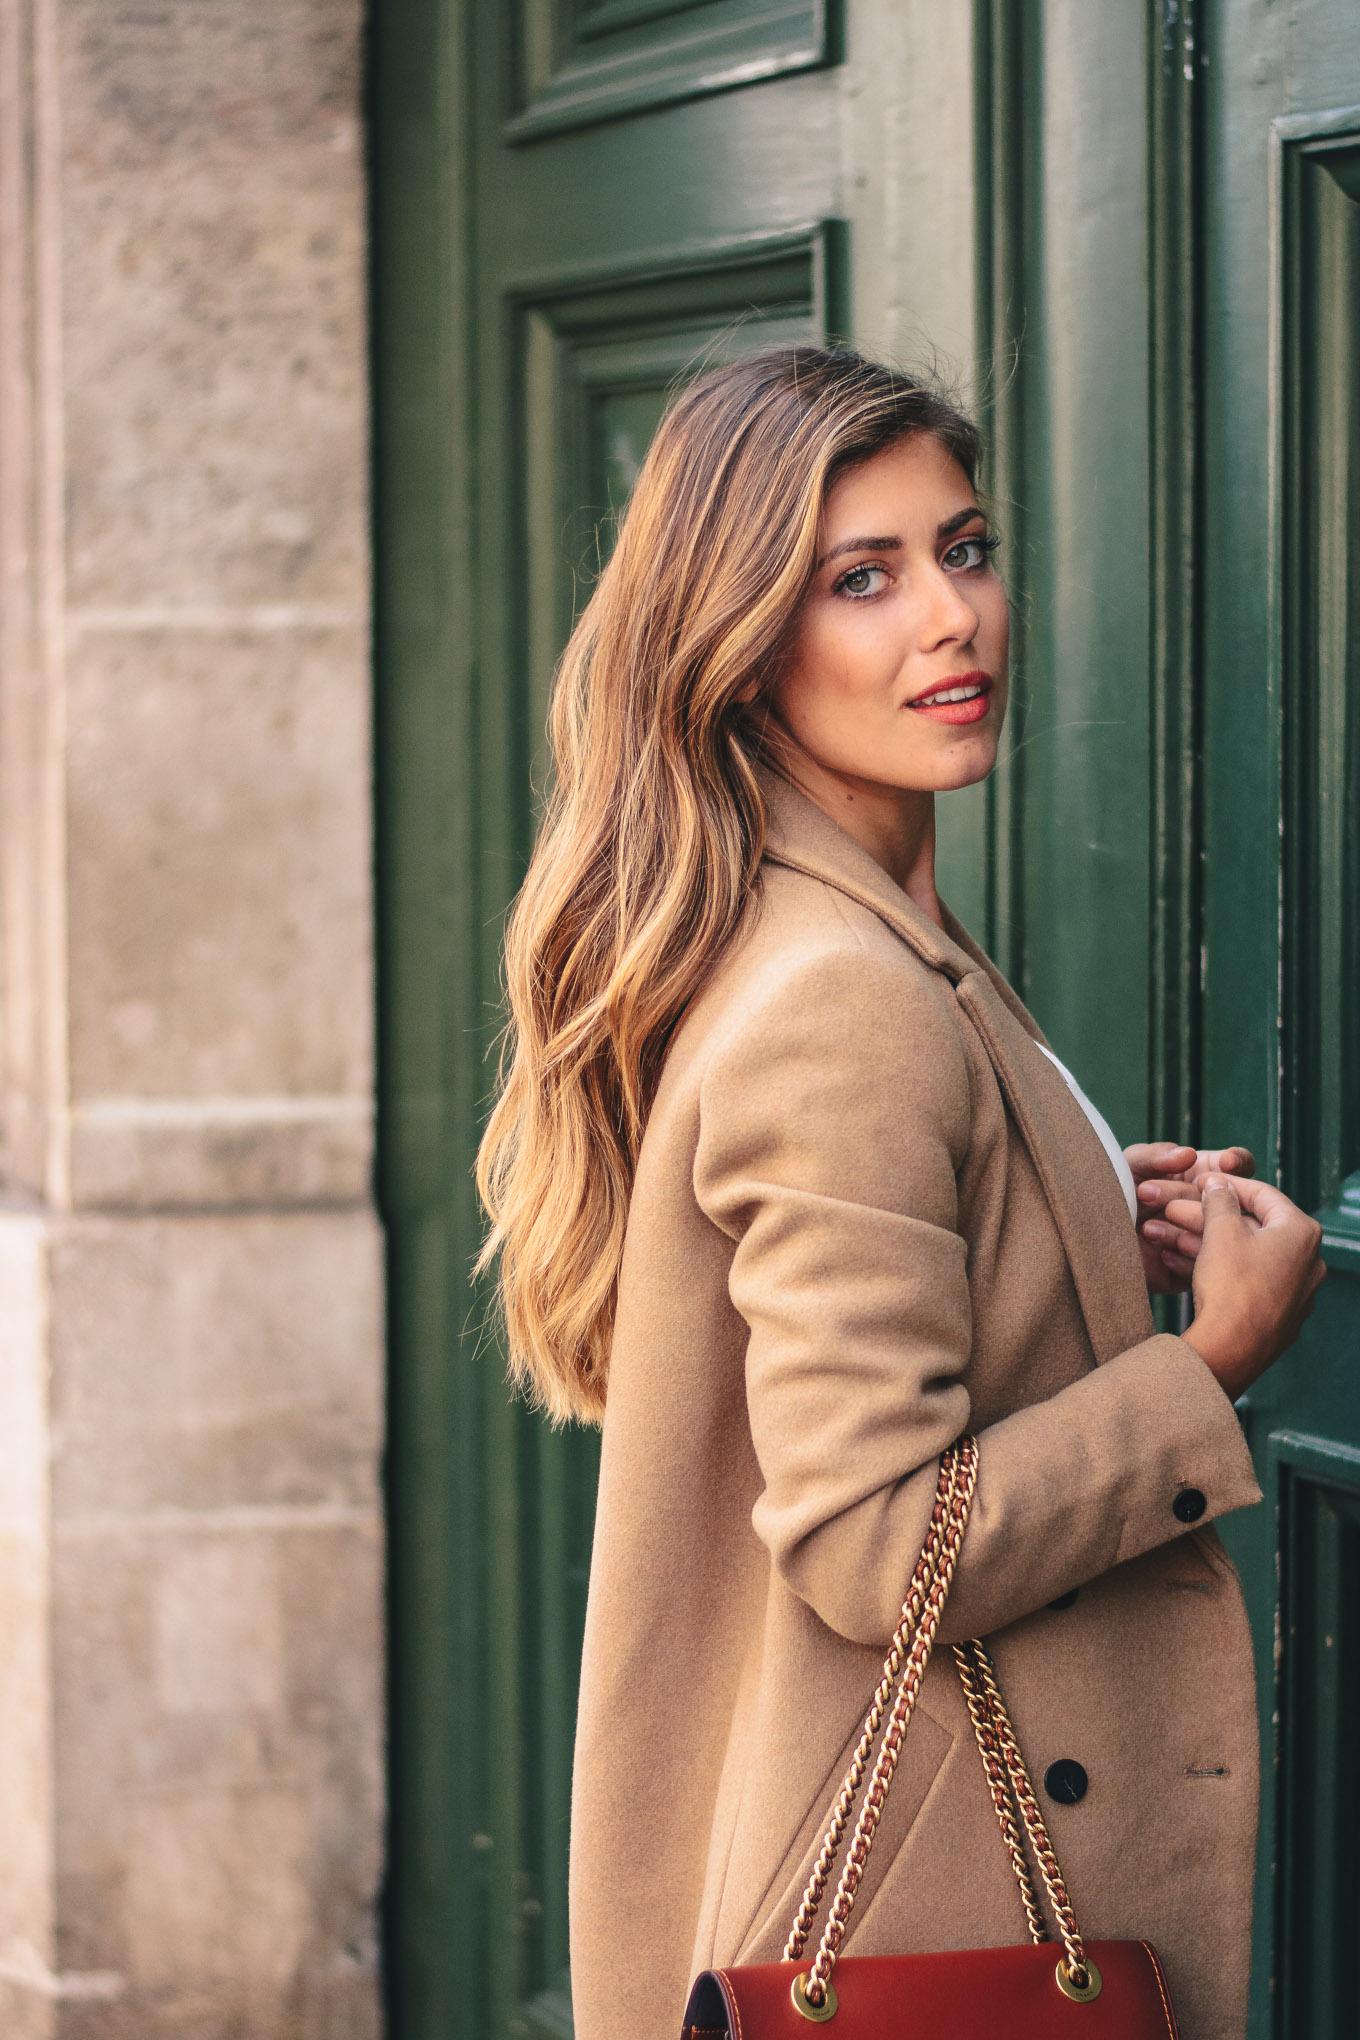 Paris style blogger